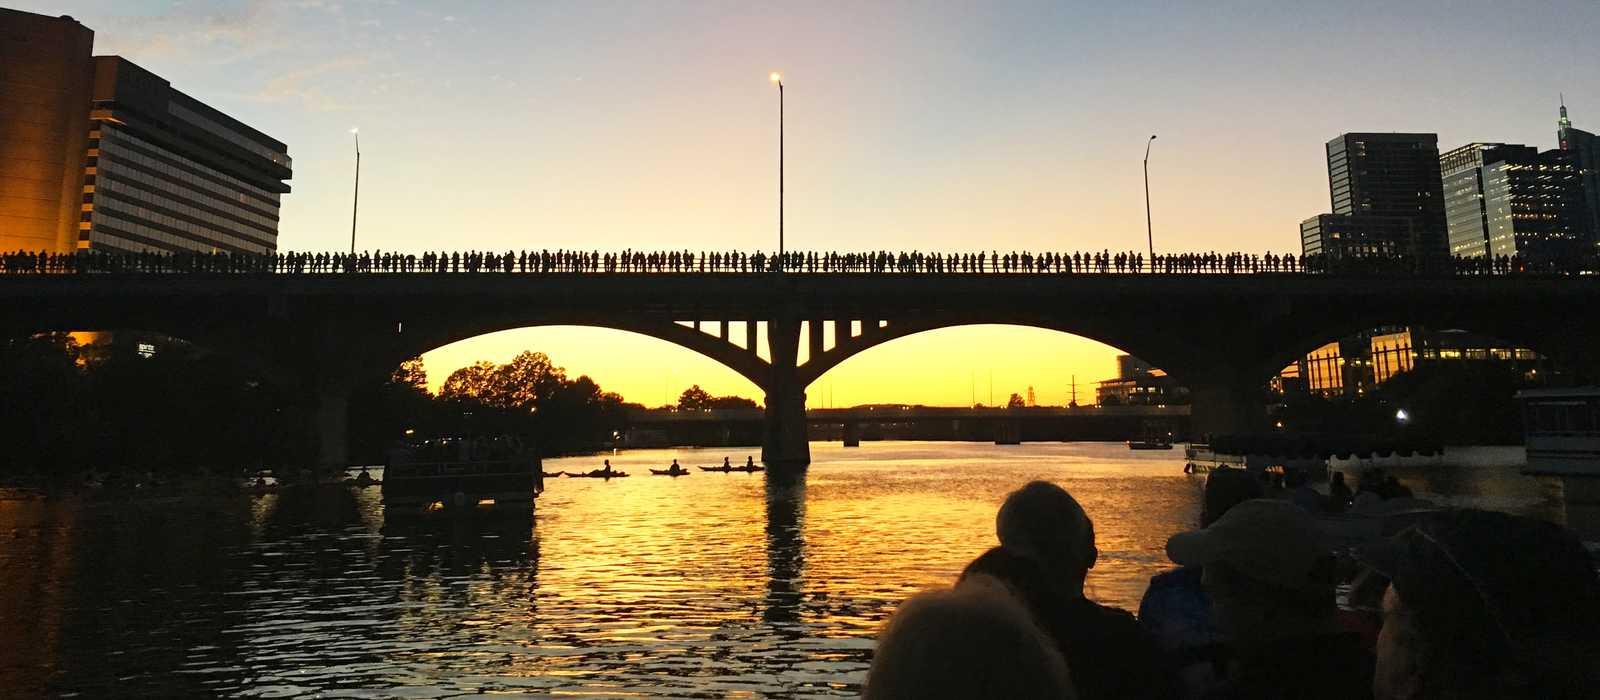 Die Congress Avenue Bridge zum Sonnenuntergang